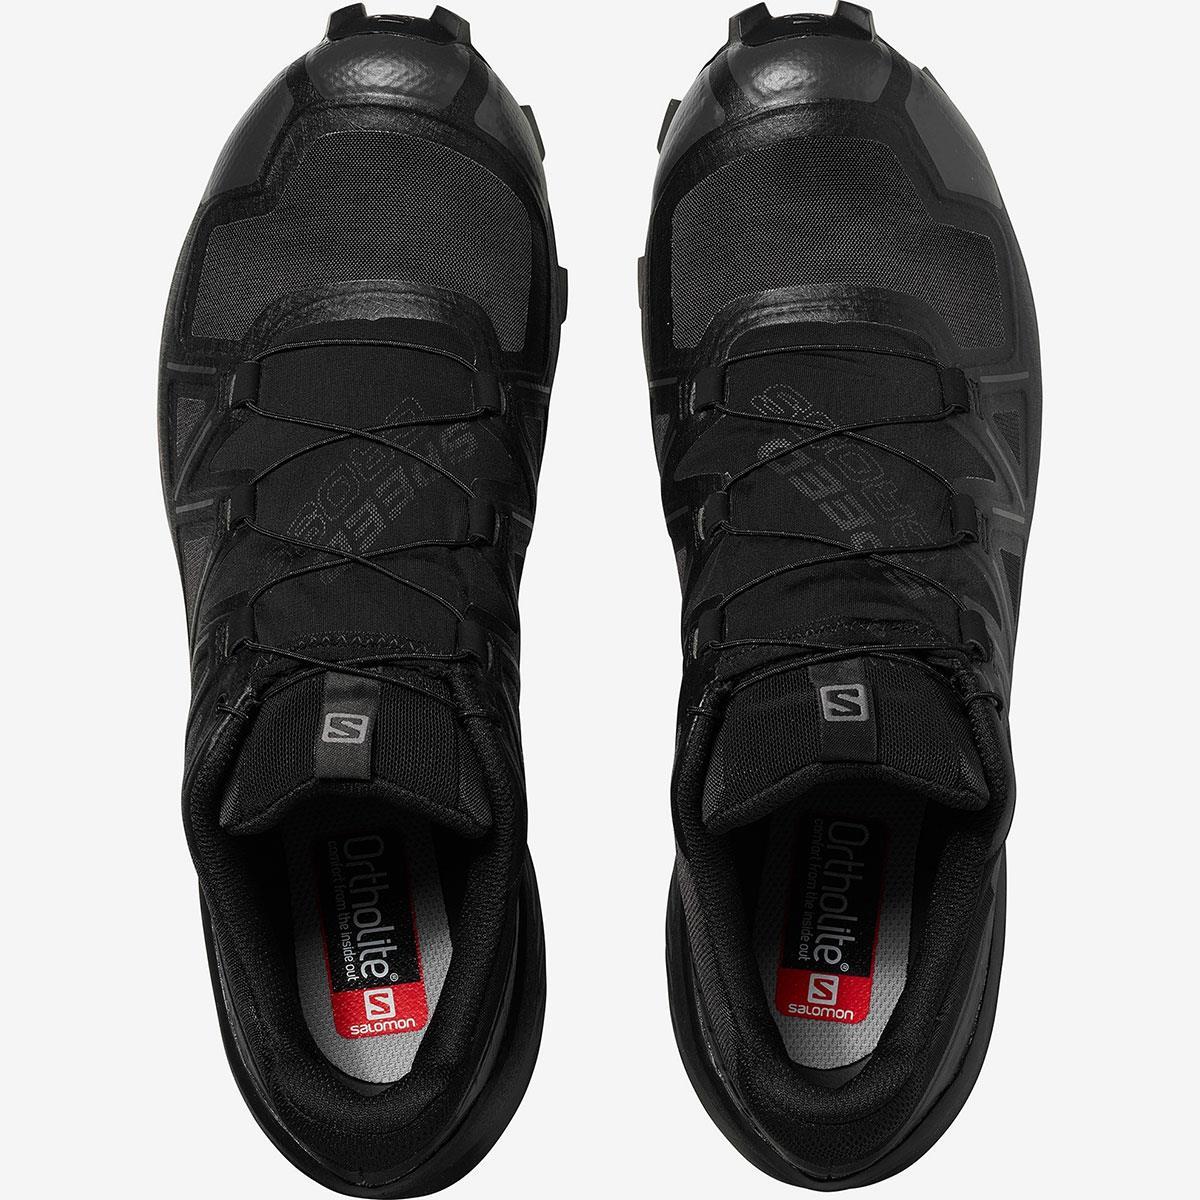 Salomon SPEEDCROSS 5 GTX Erkek Ayakkabısı